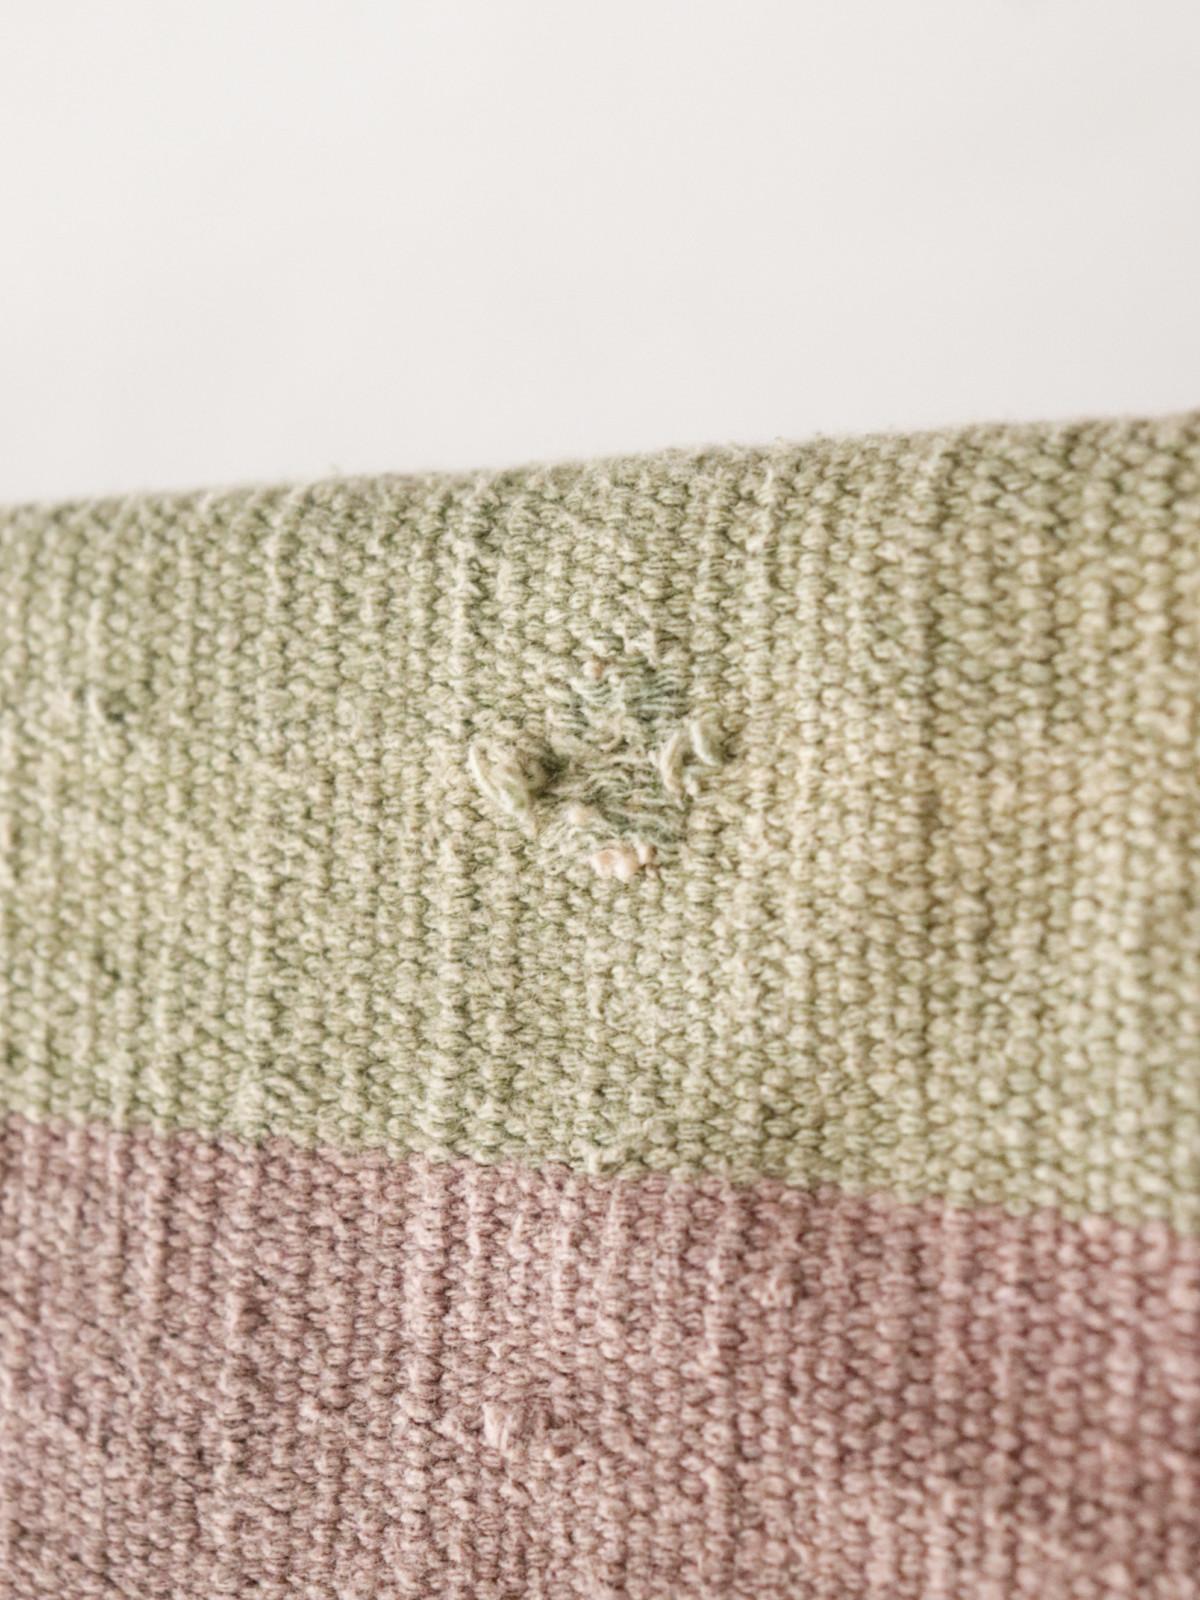 cotton rug,USA,vintage